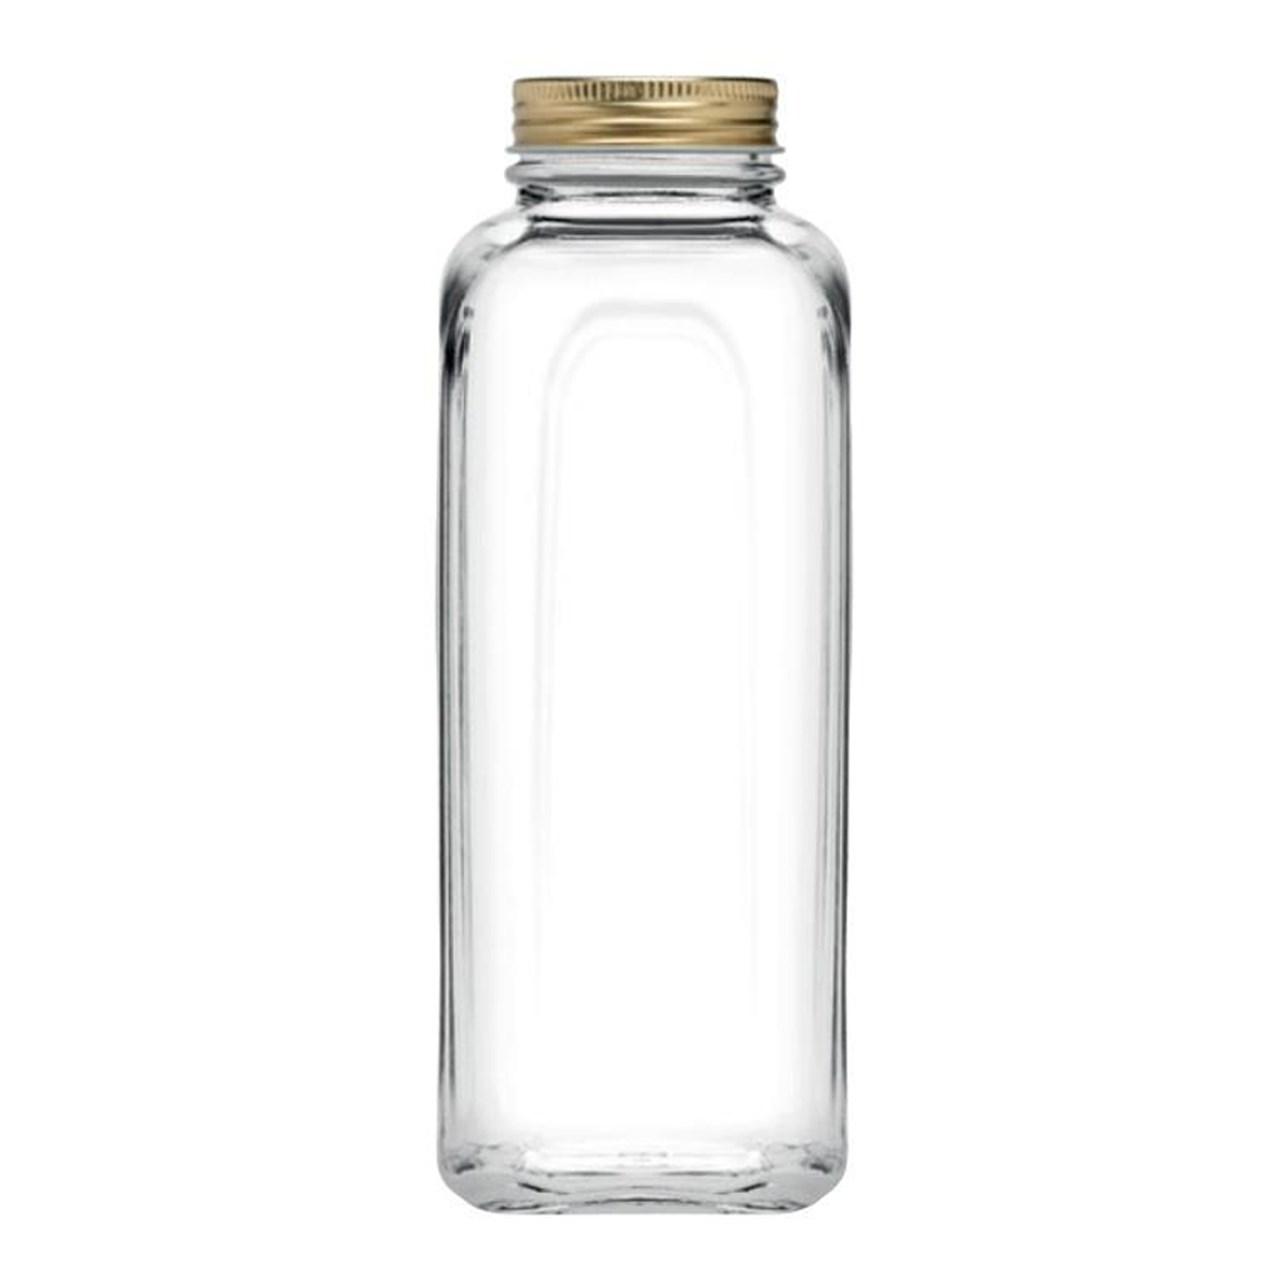 بطری پاشاباغچه مدل هوم مید کد 80345